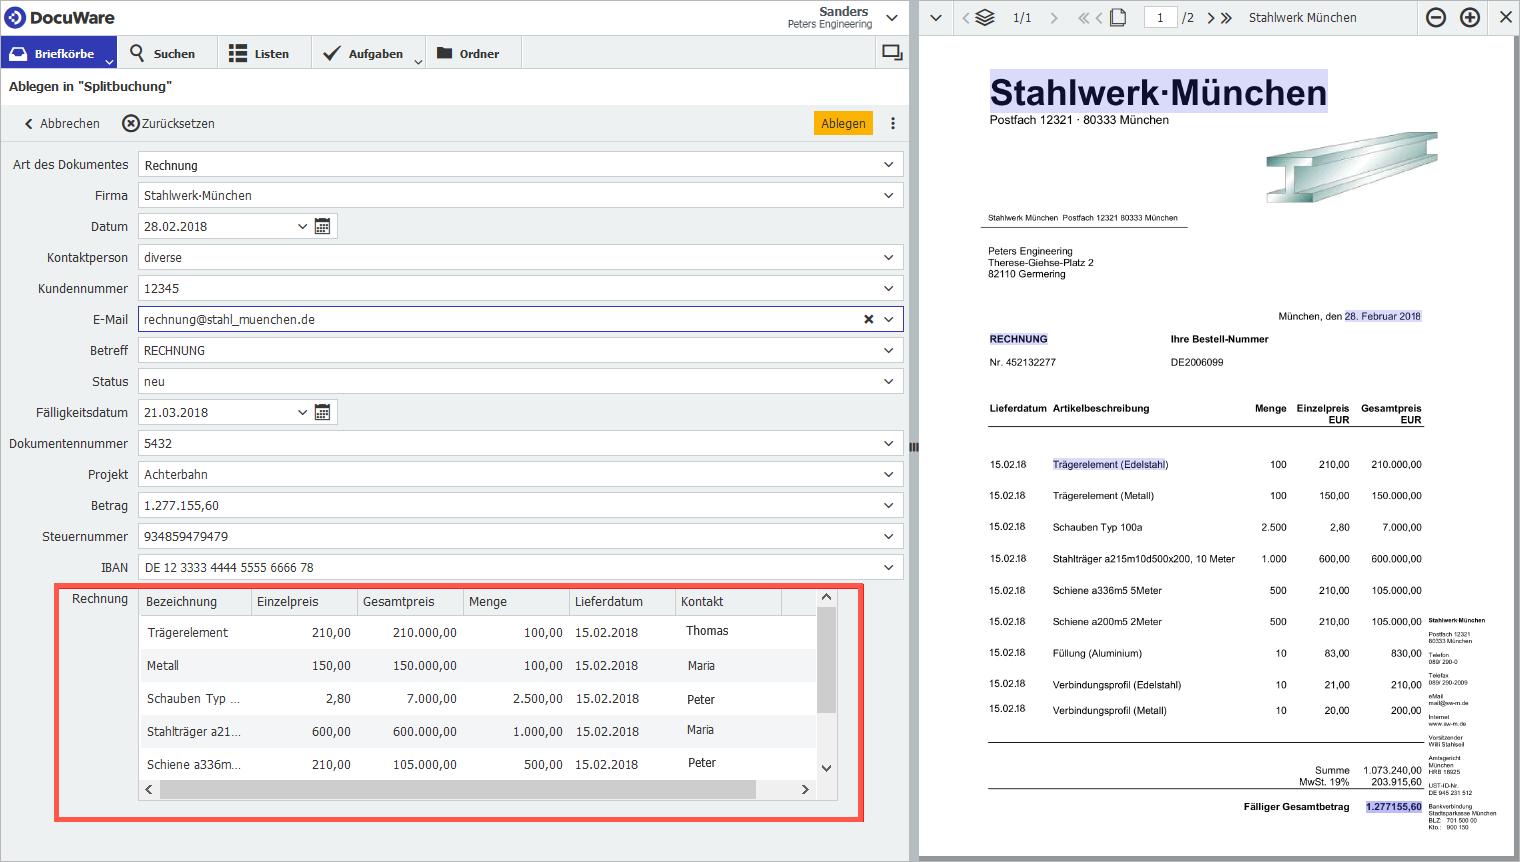 Workflow Manager greift die Steuerung des Rechnungs-Workflows auf die einzelnen Einträge in einer Tabelle zu